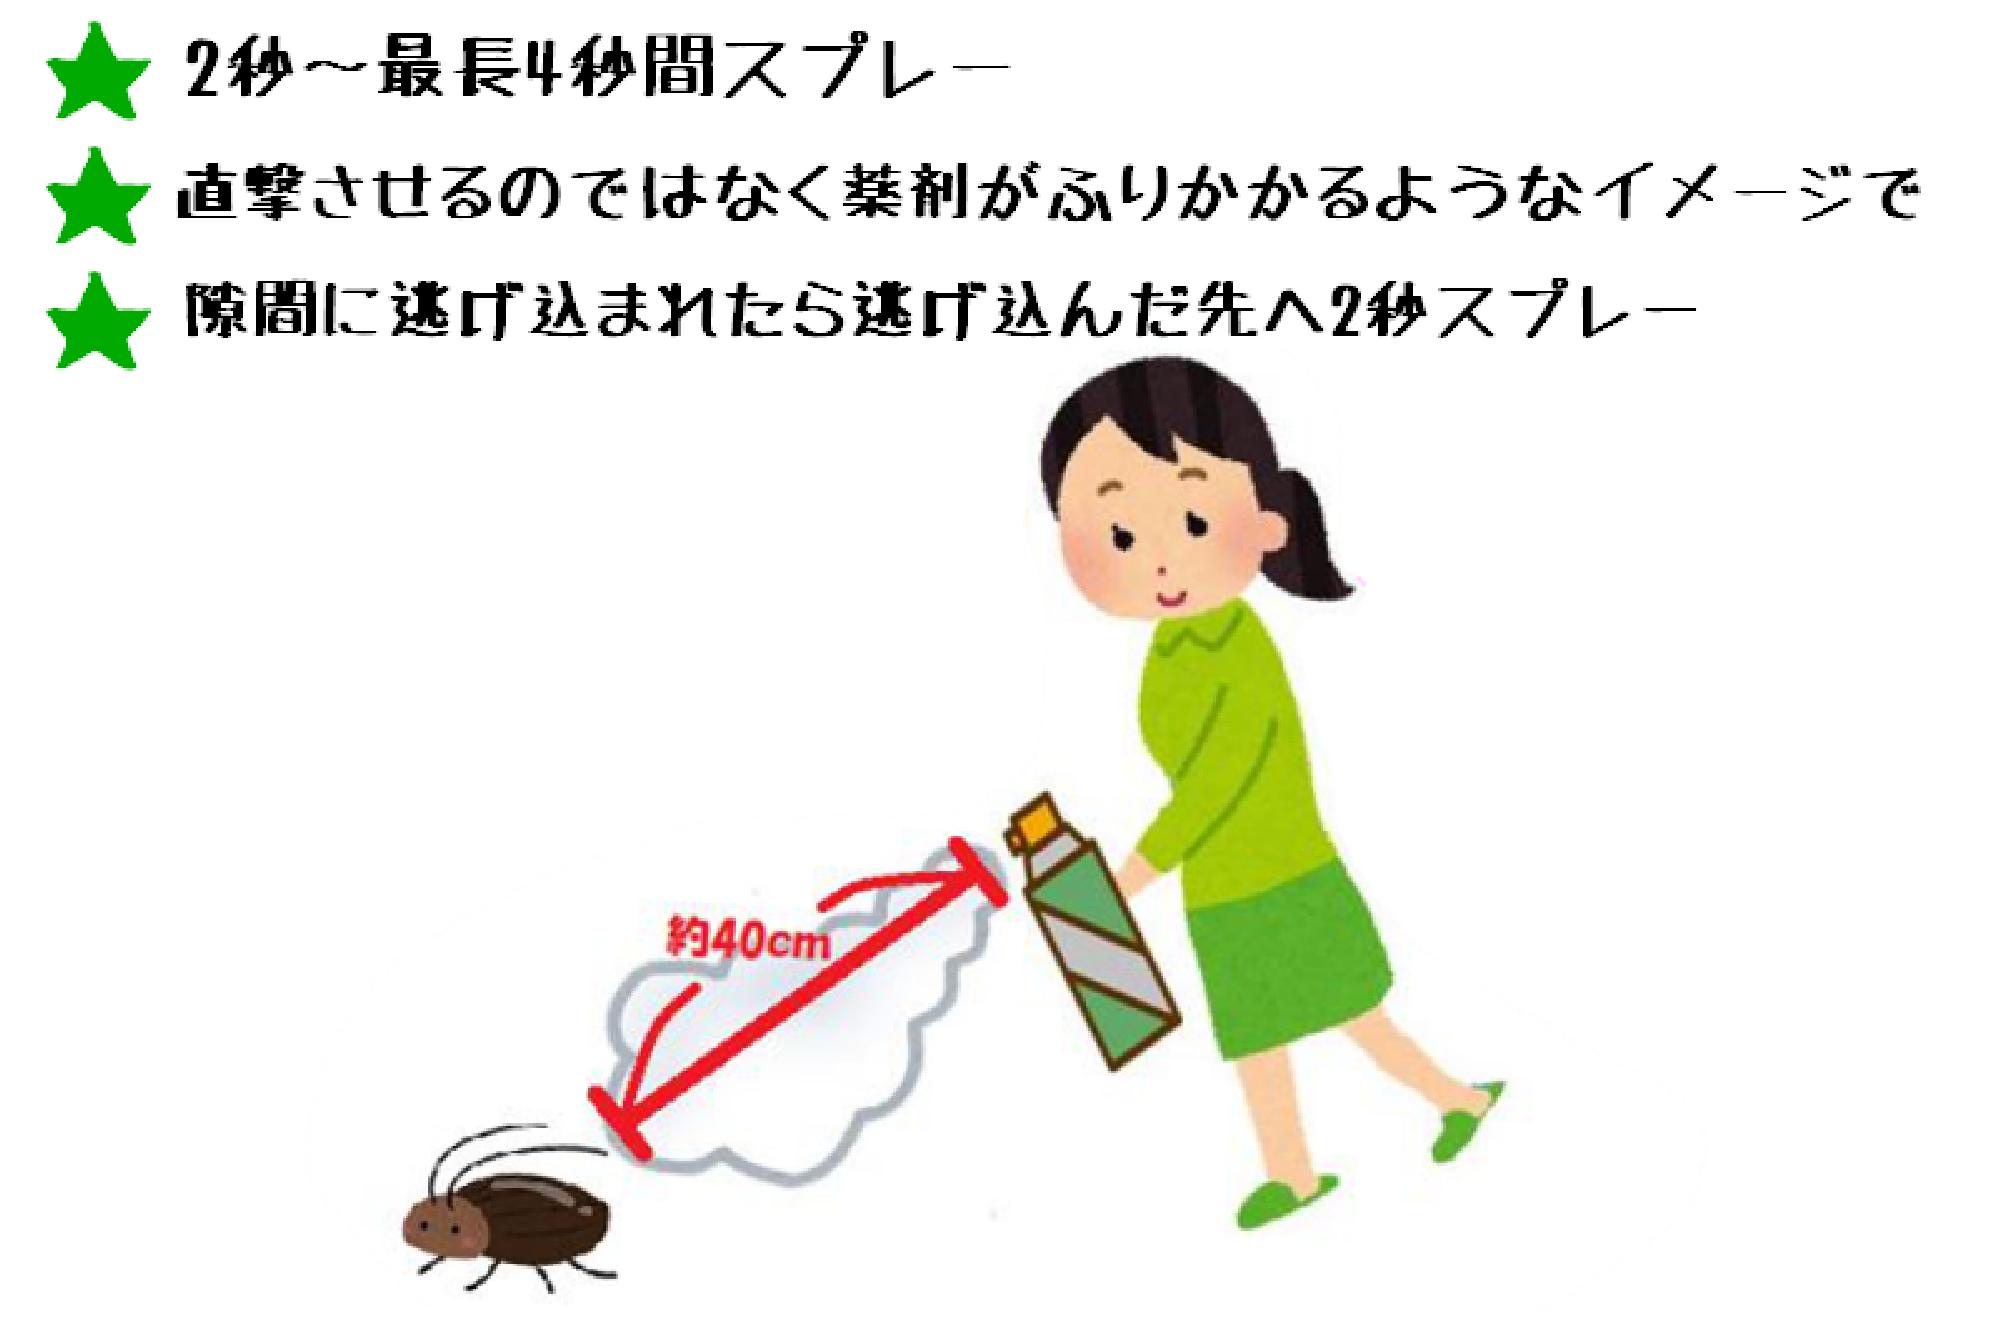 効果的な殺虫スプレーの使い方4つのコツ